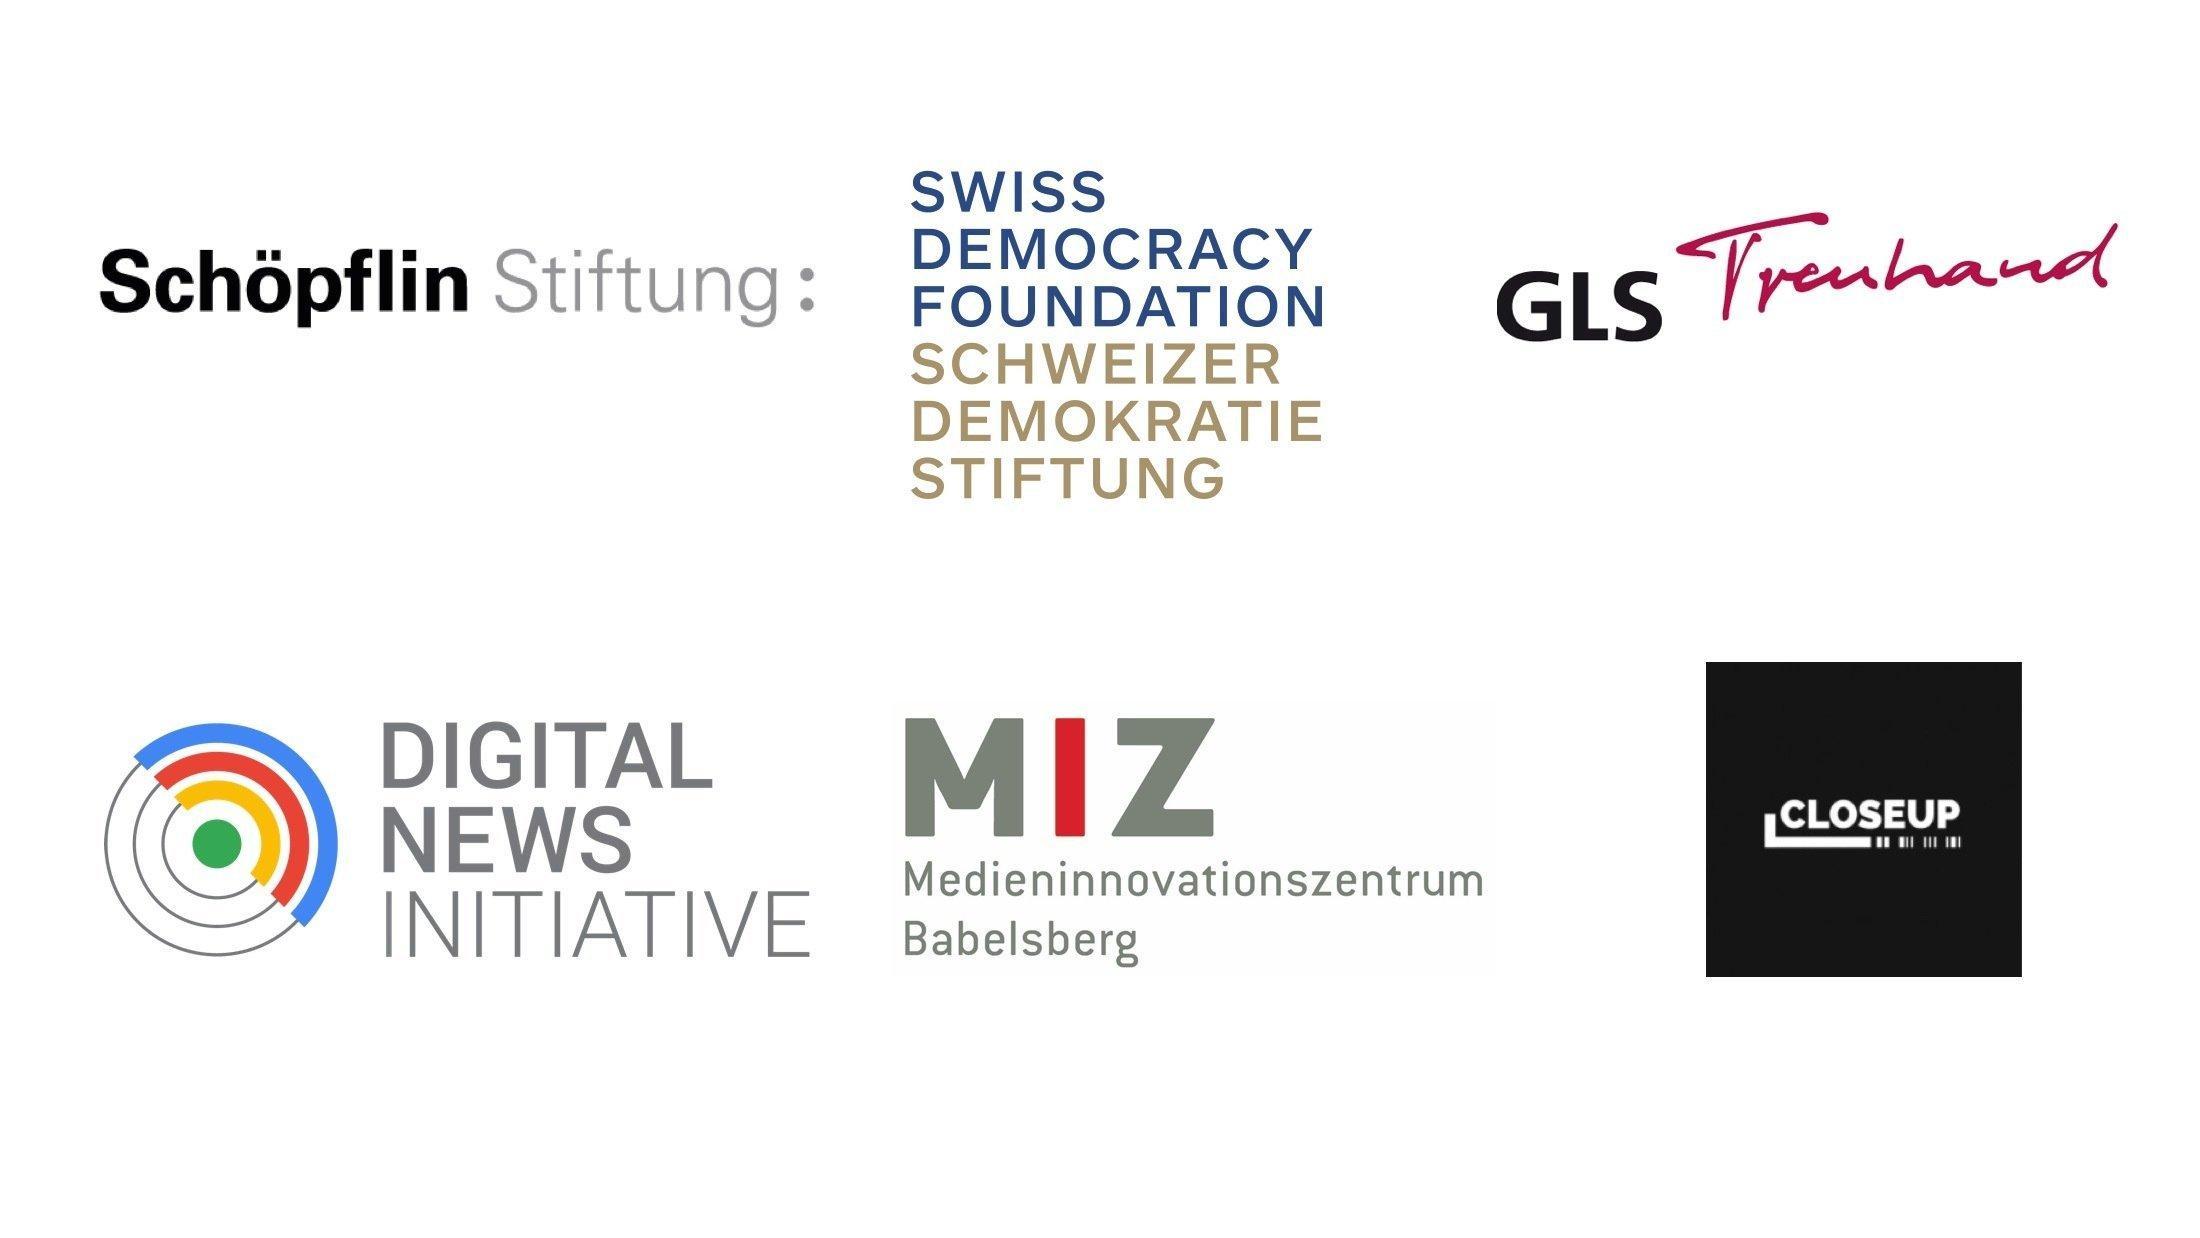 Logos der Schöpflin Stiftung, Schweizer Demokratie Stiftung, GLS Treuhand, Google Digital News Initiative, MIZ Babelsberg und Nordmedia.